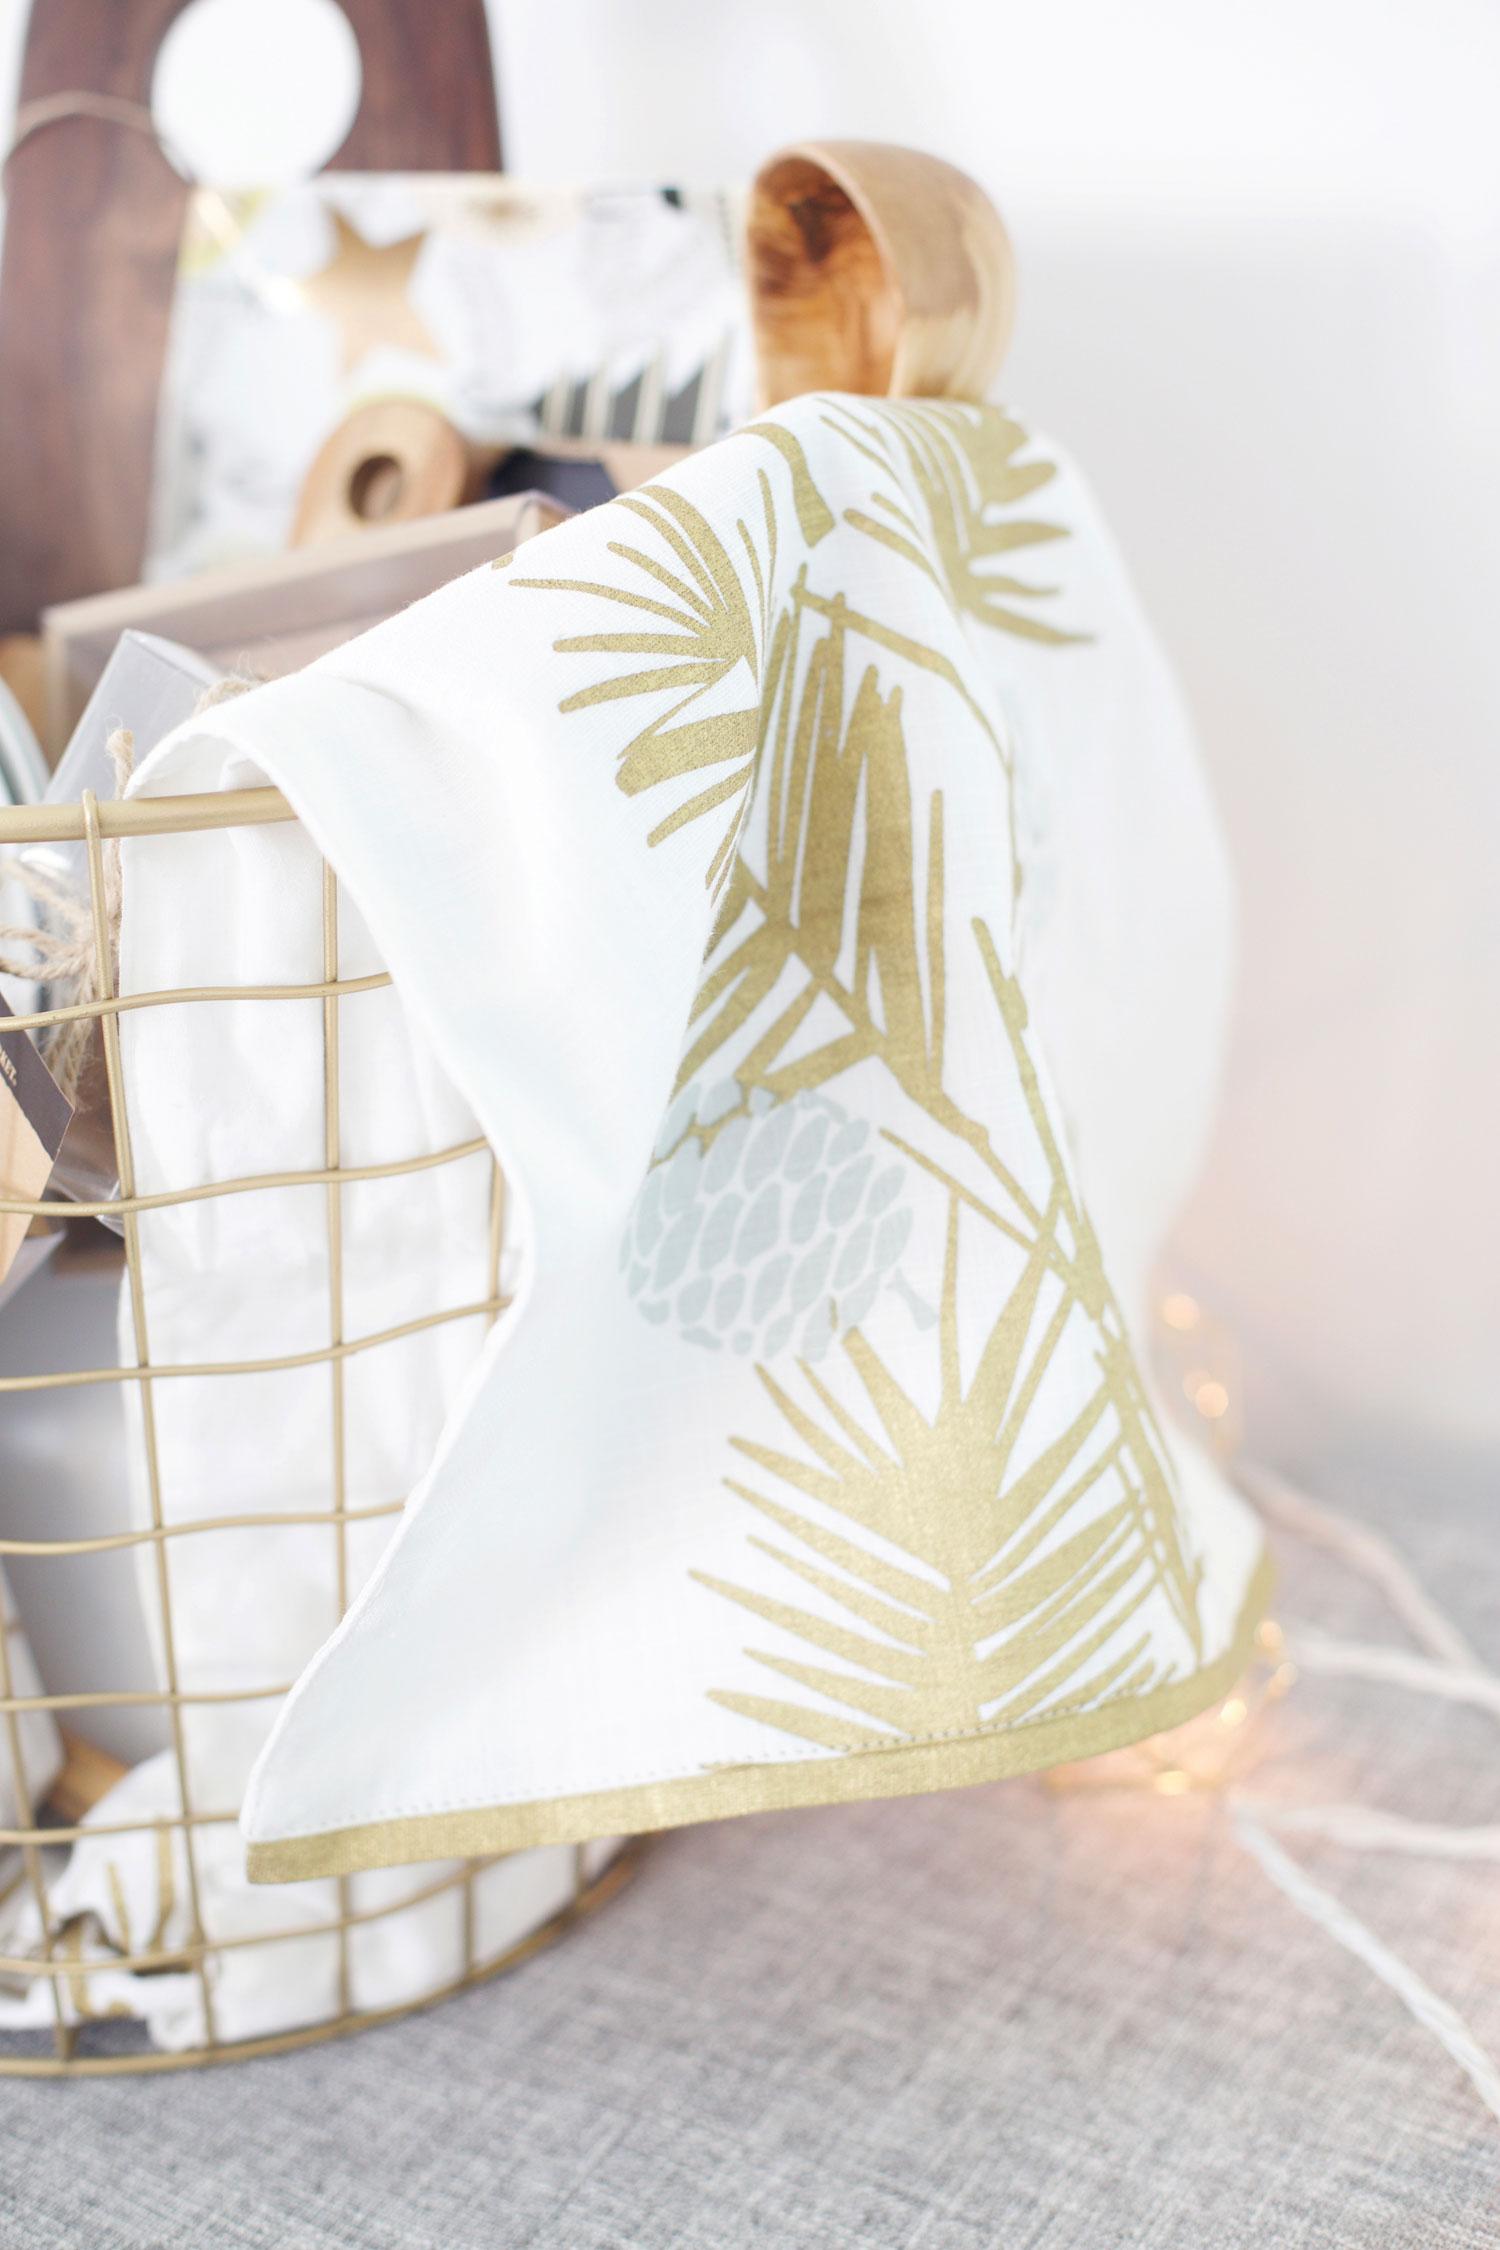 table runner liner for gift basket